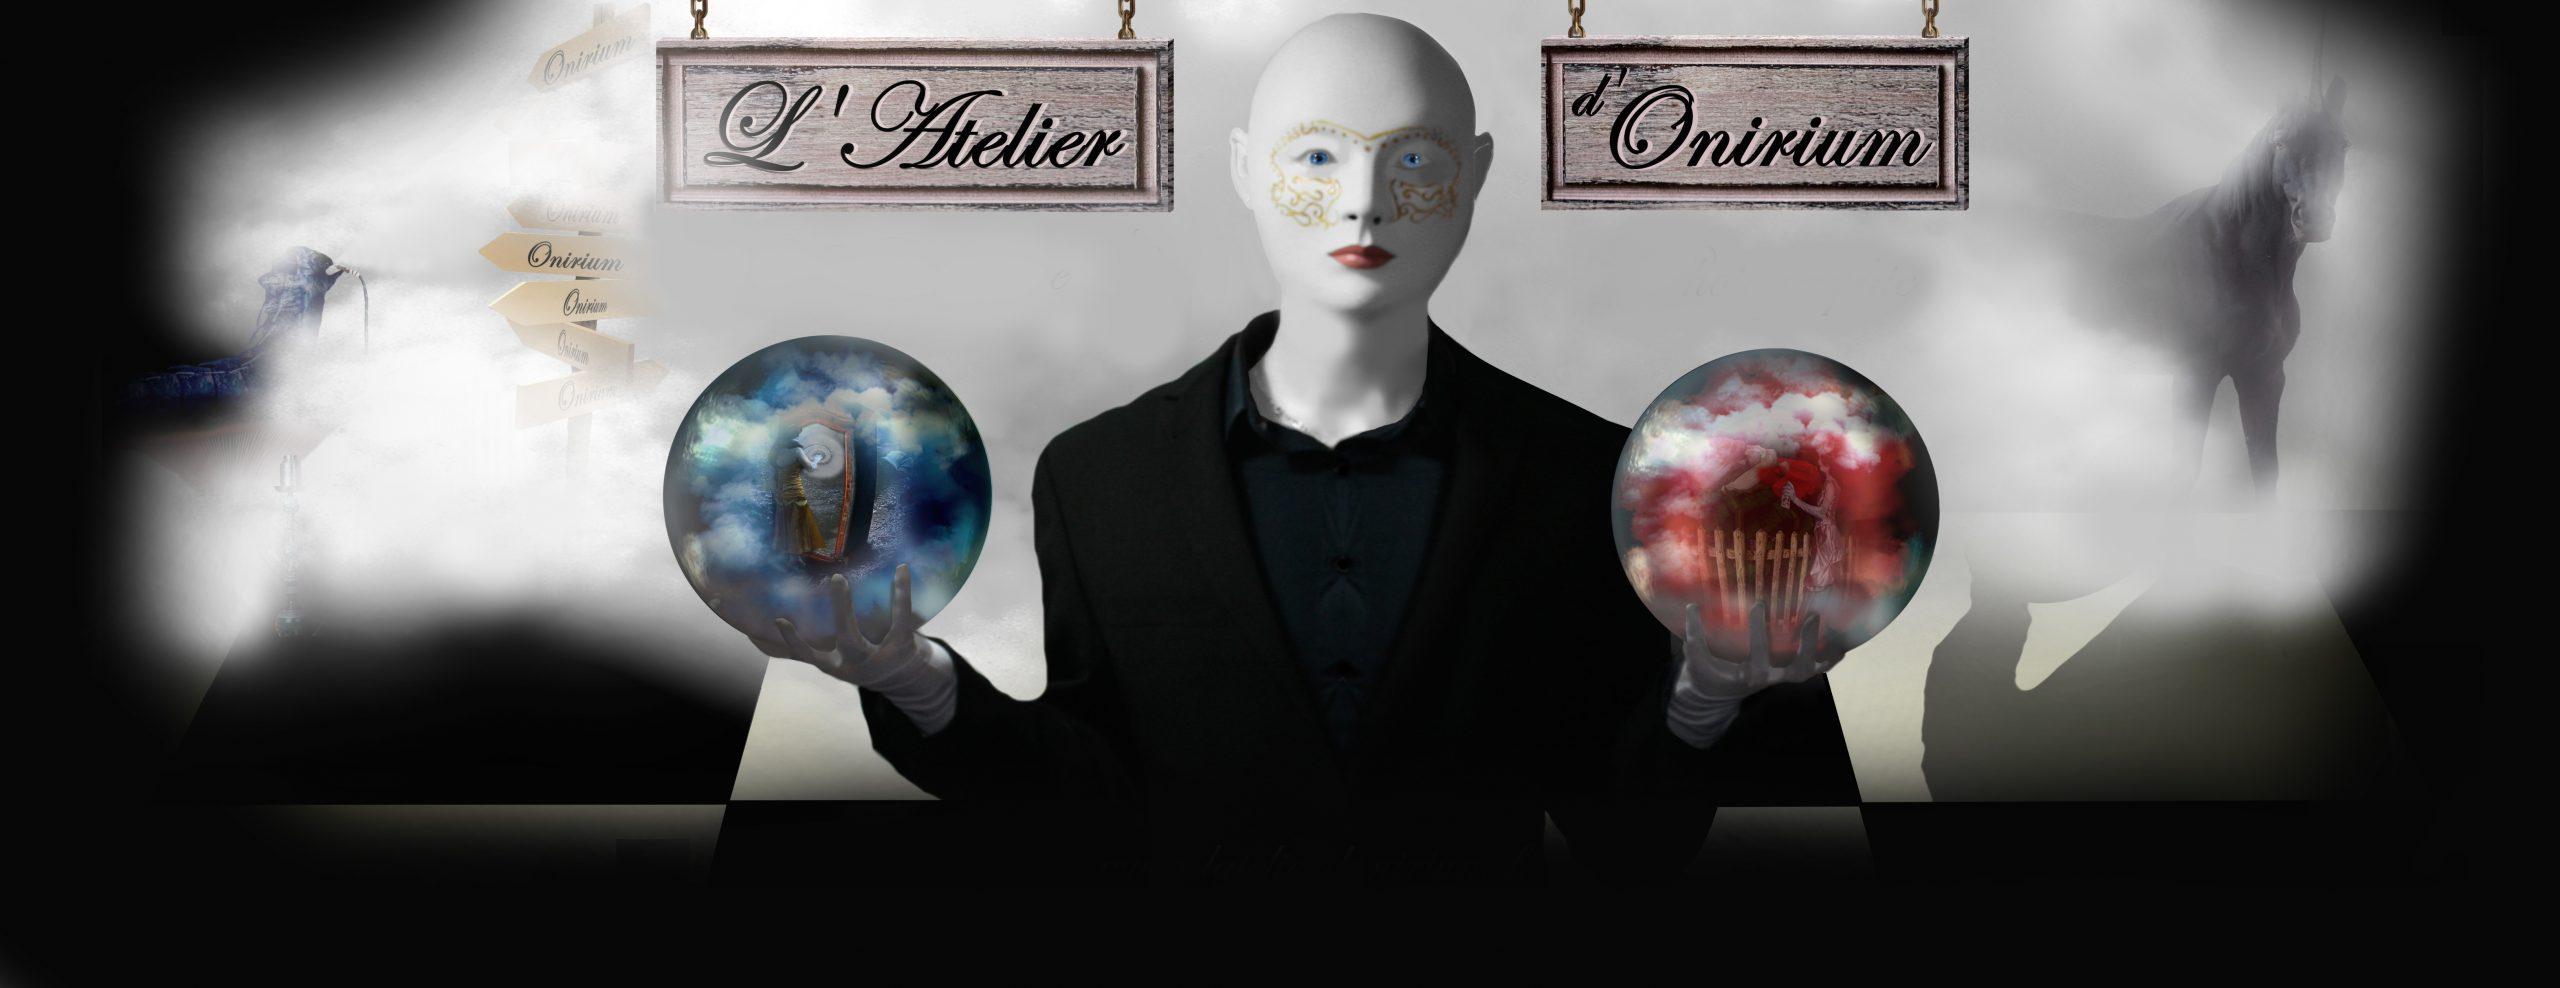 personnage fantastique choix boules cristal fumée licorne